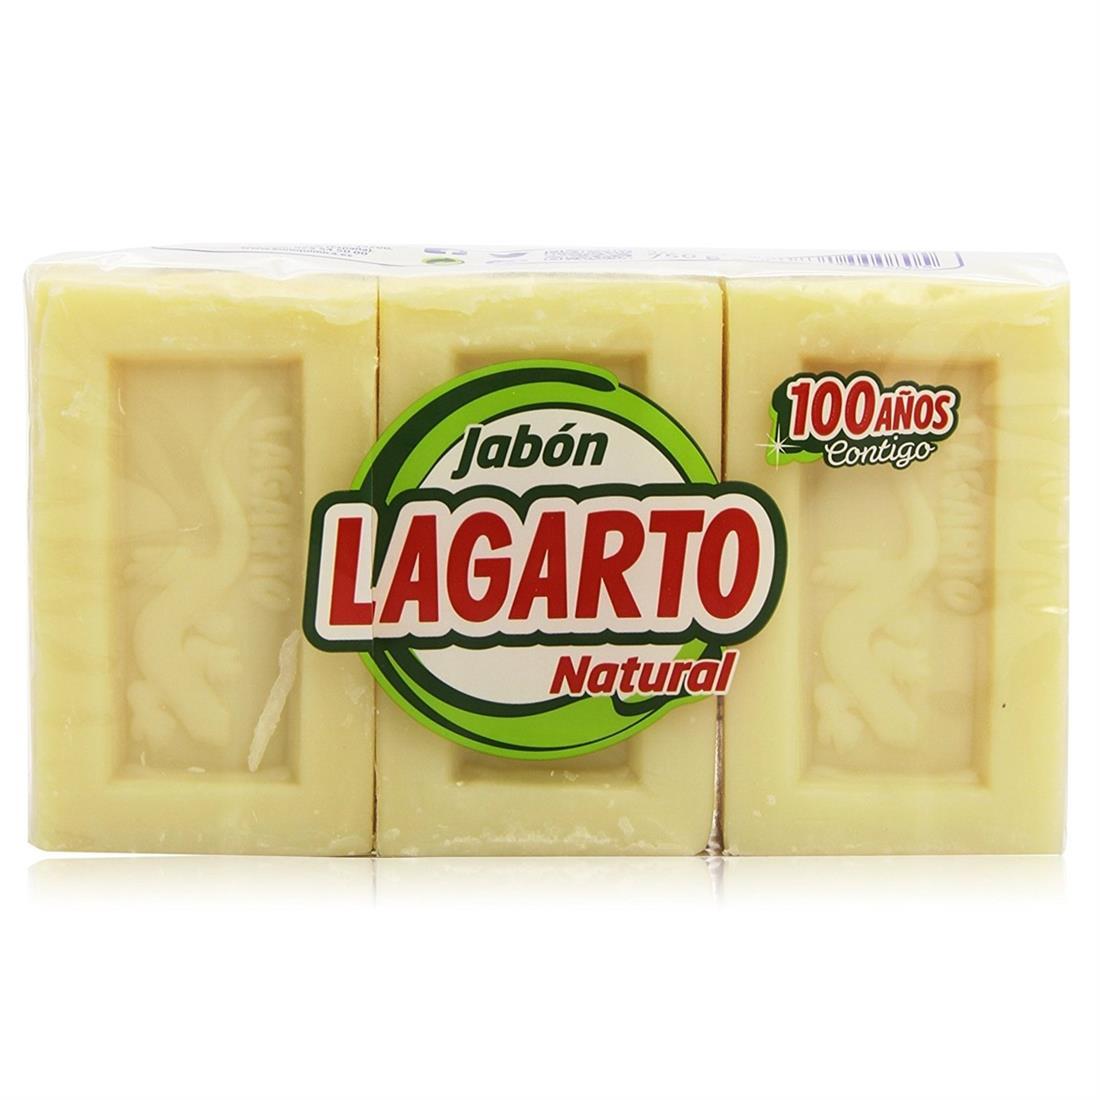 Jabón Lagarto Natural 3 pastillas